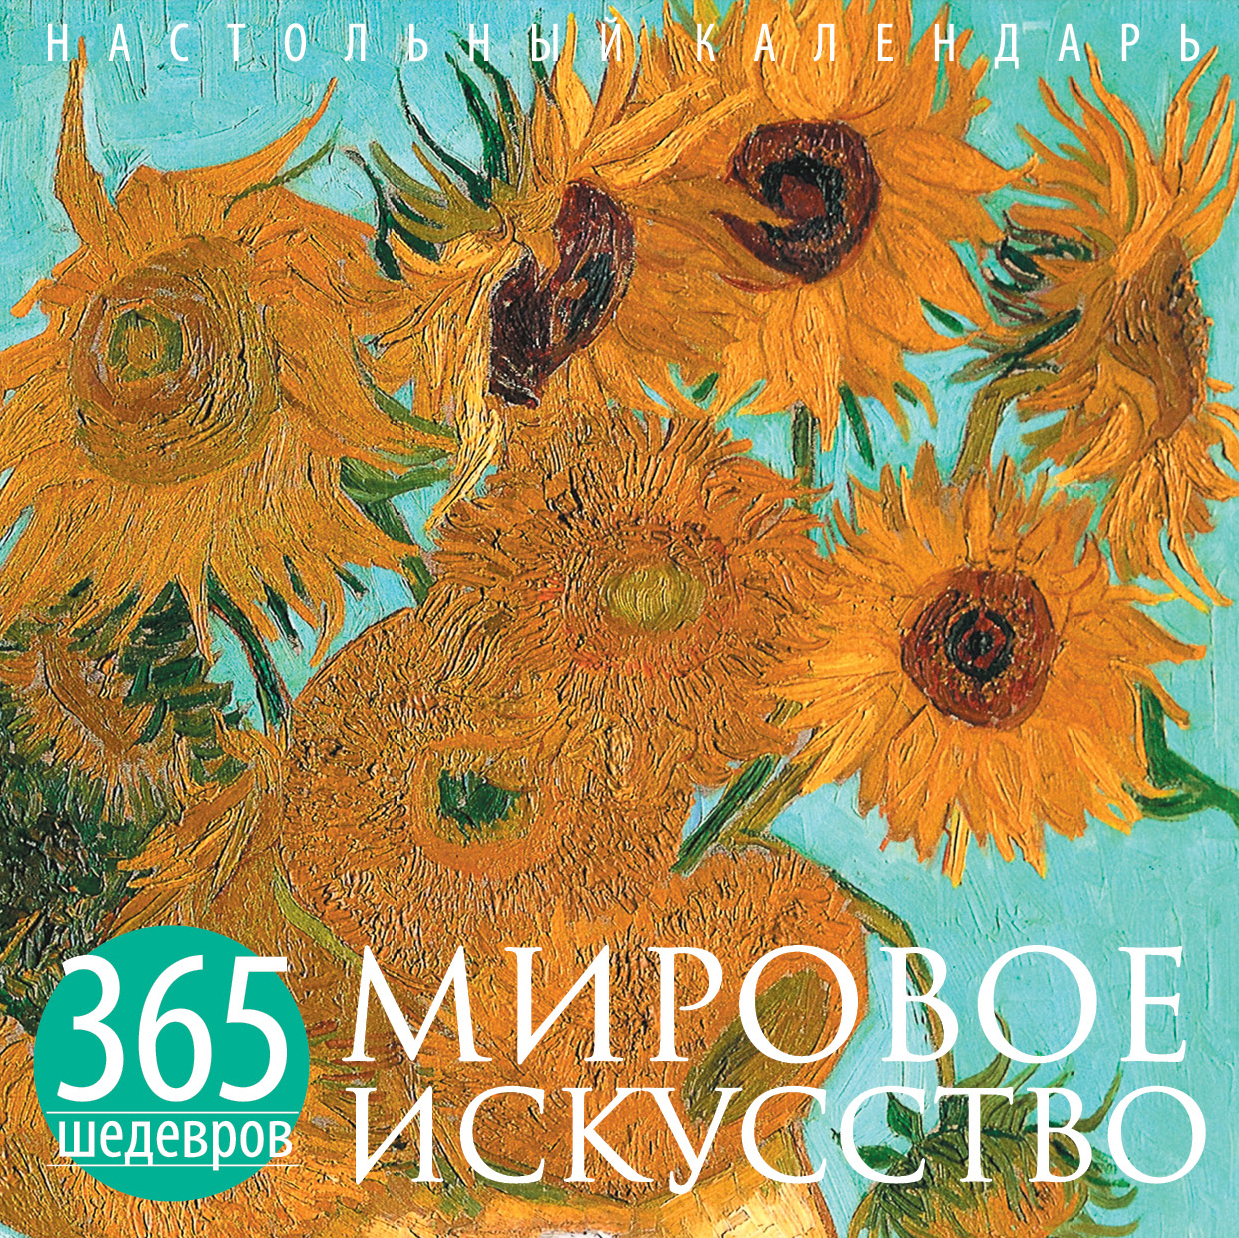 Мировое искусство. 365 шедевров. Календарь отрывной настольный (Буше) (серия Календари искусств.365 шедевров. Настольные отрывные календари)